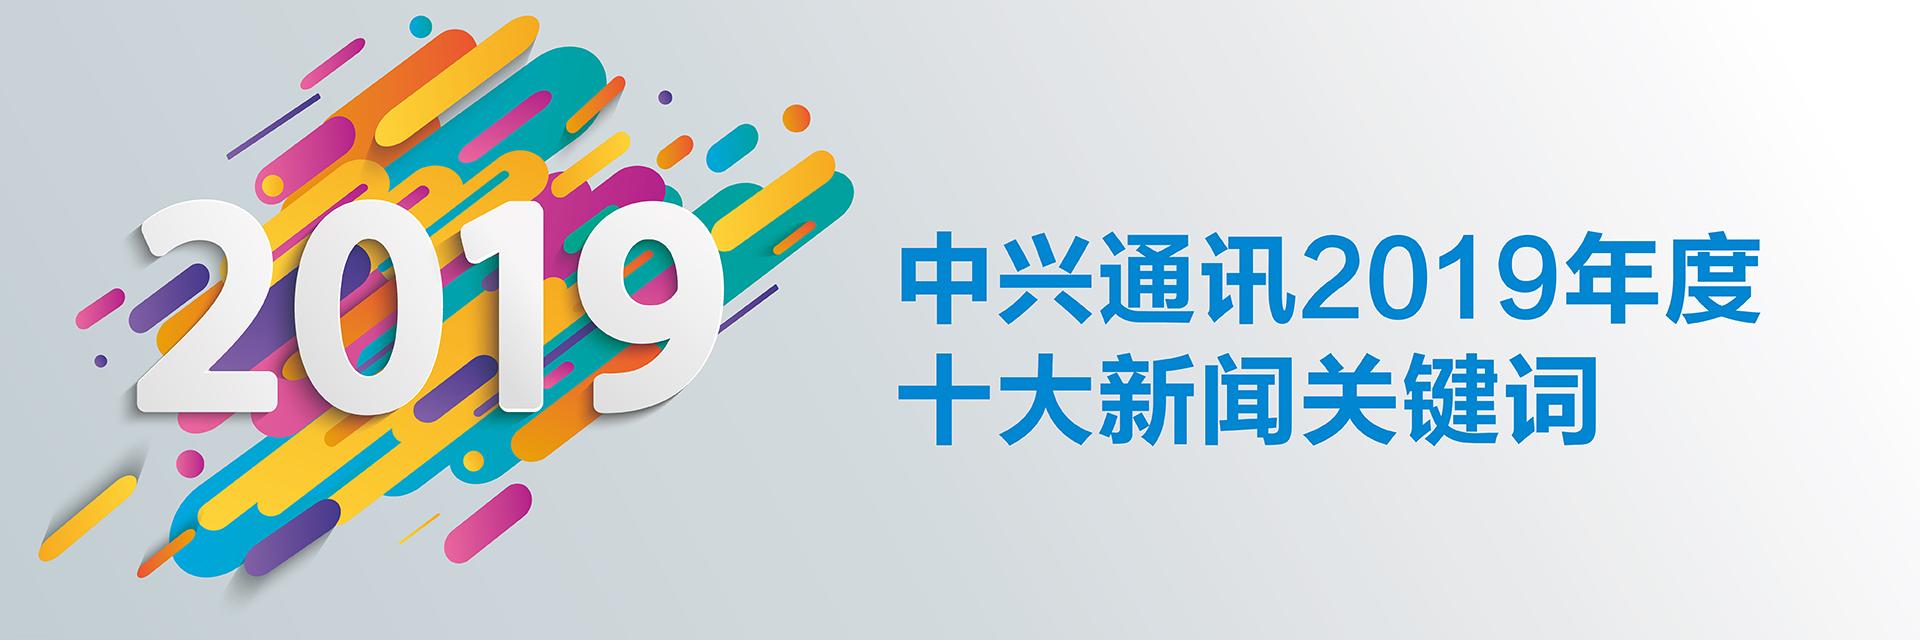 中兴通讯2019年度十大新闻关键词